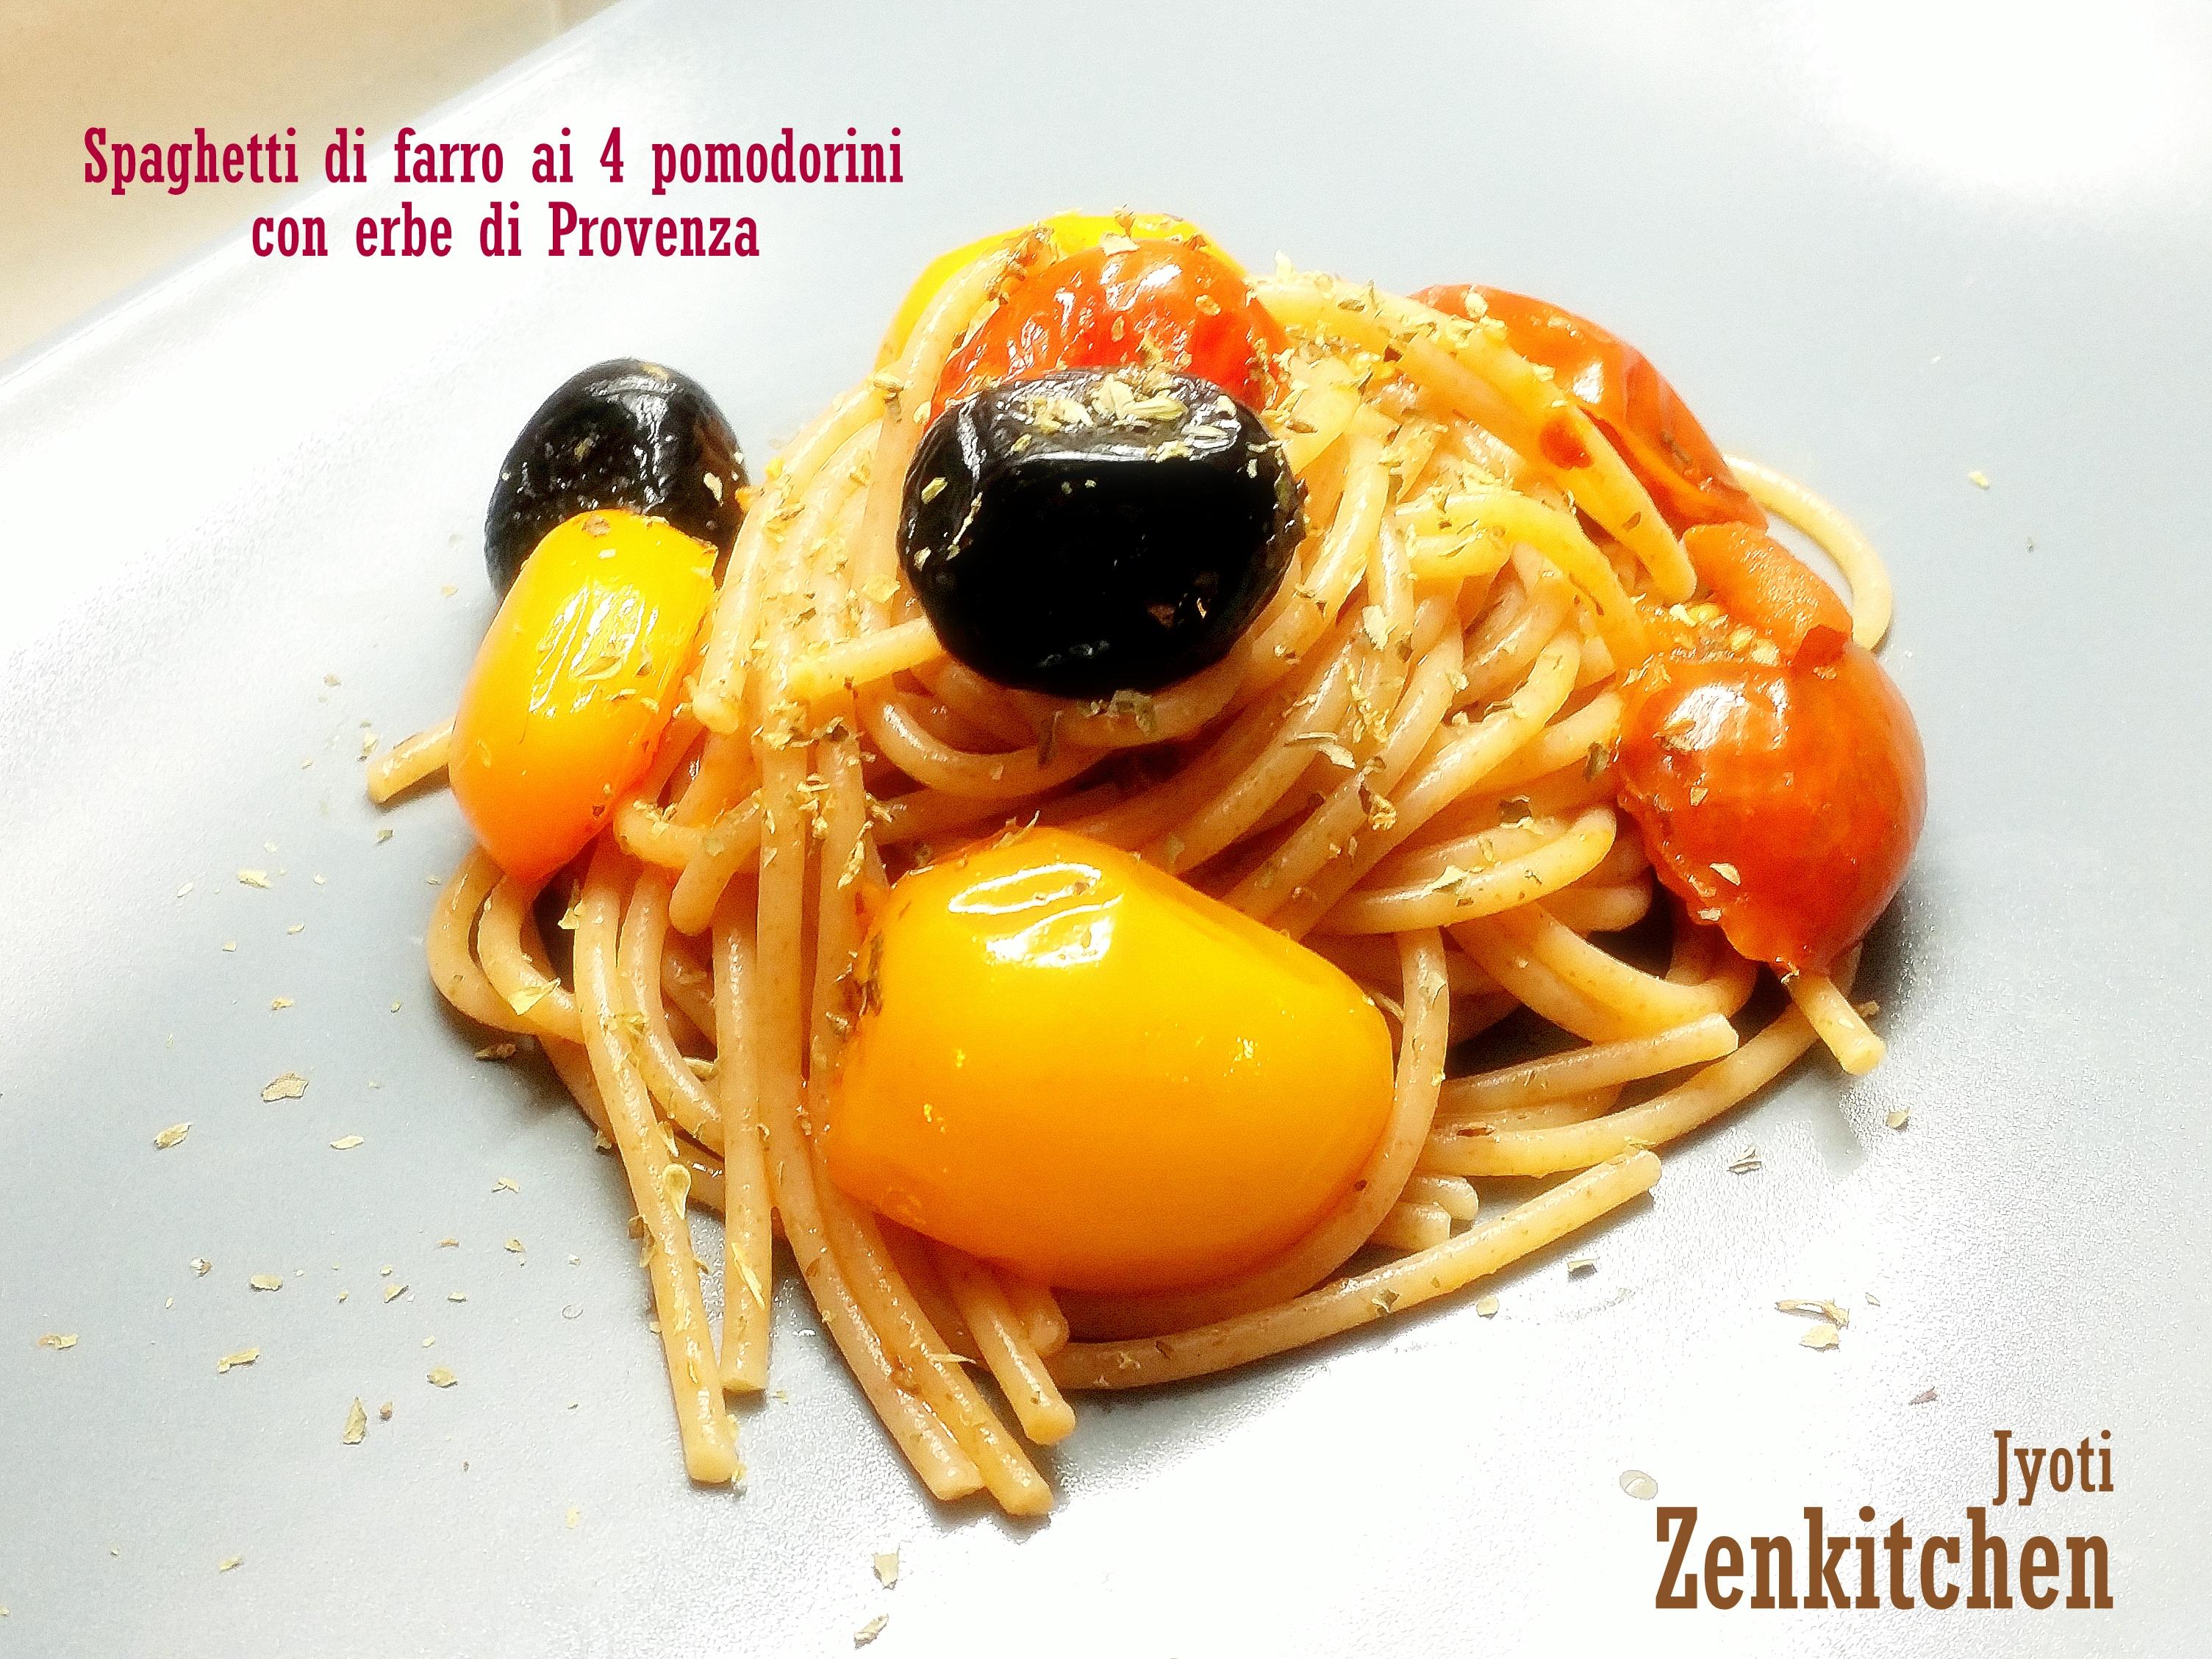 Spaghetti di farro ai 4 pomodorini e erbe di provenza